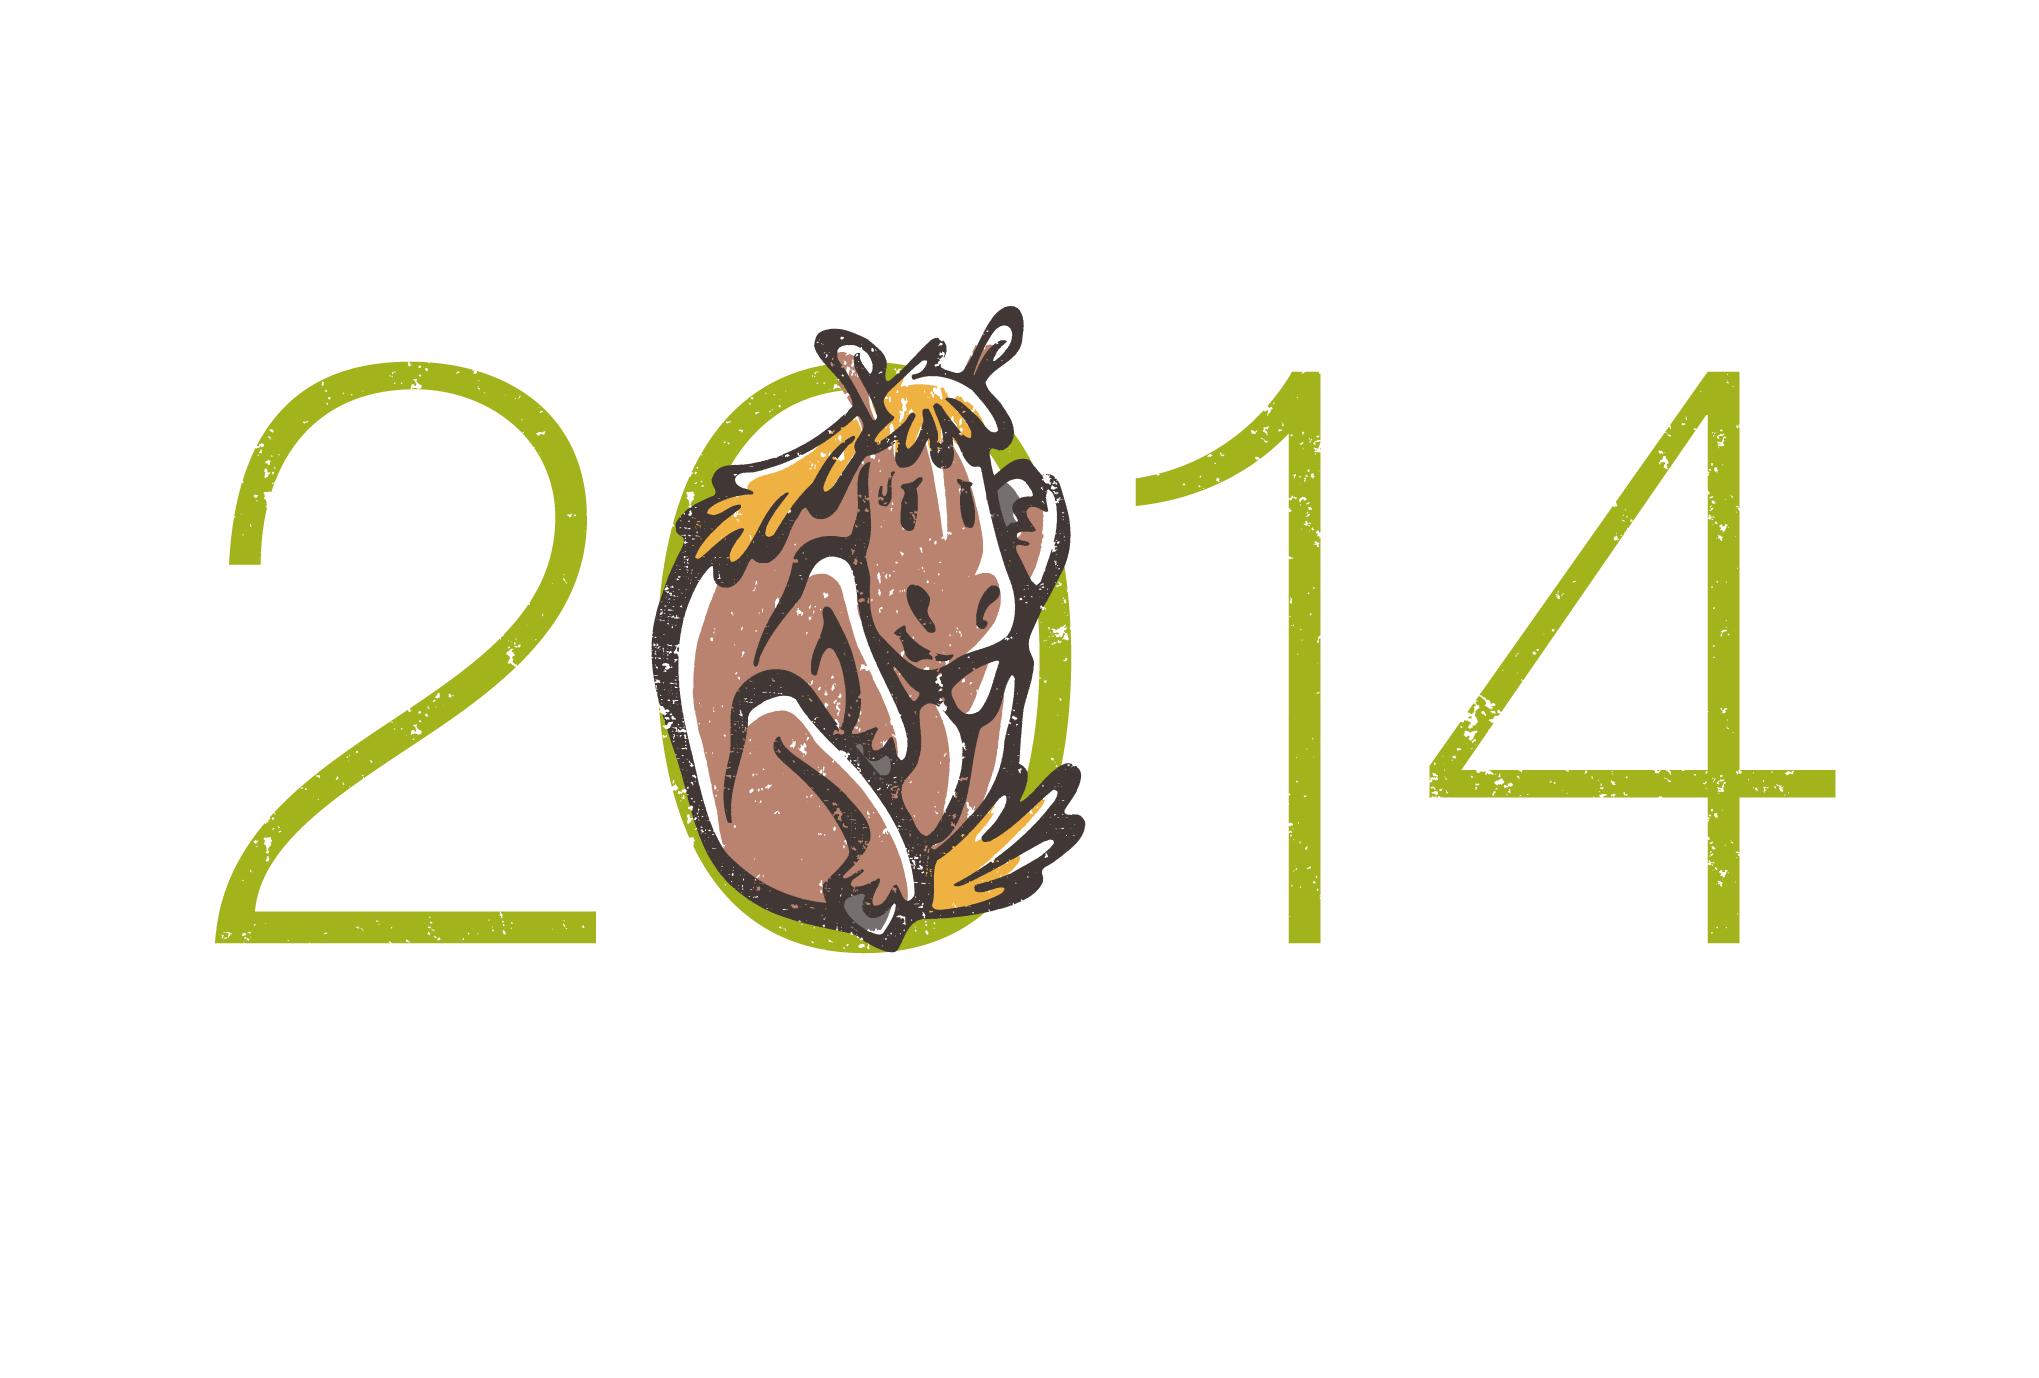 2014年賀状09-1:UMA 2014 / 1のダウンロード画像